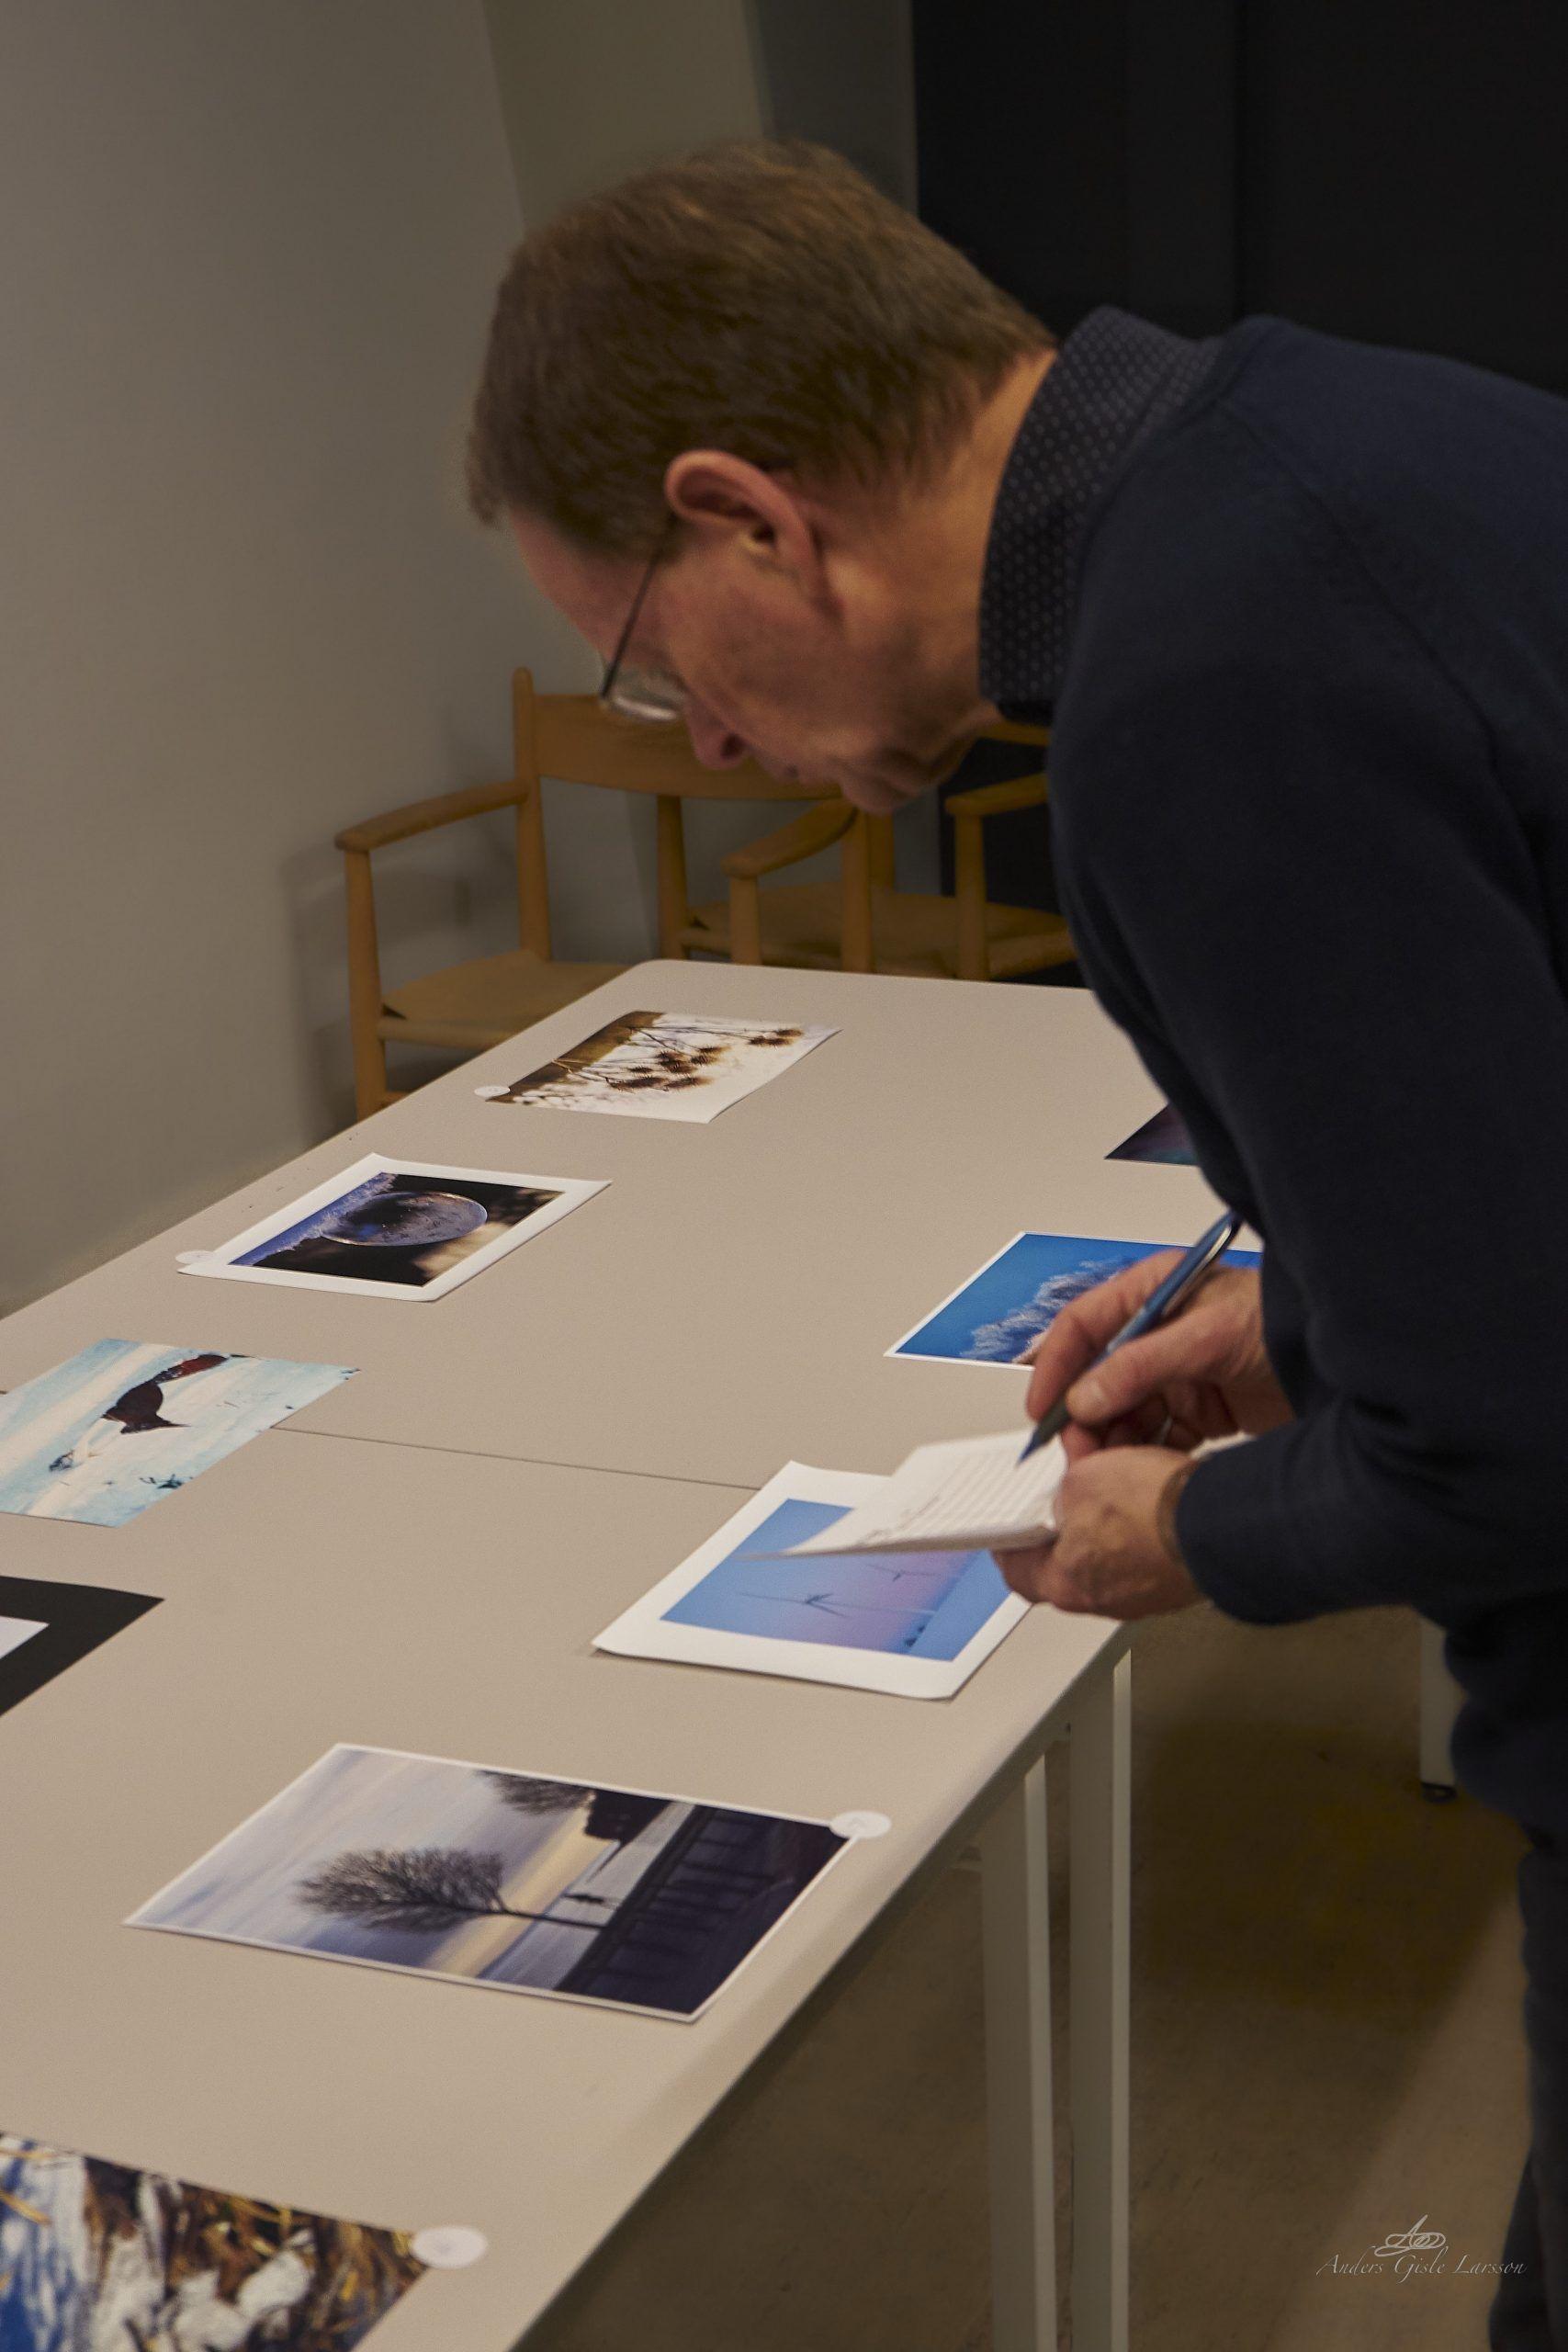 150/365, Fotogruppen Objektiv, Randers